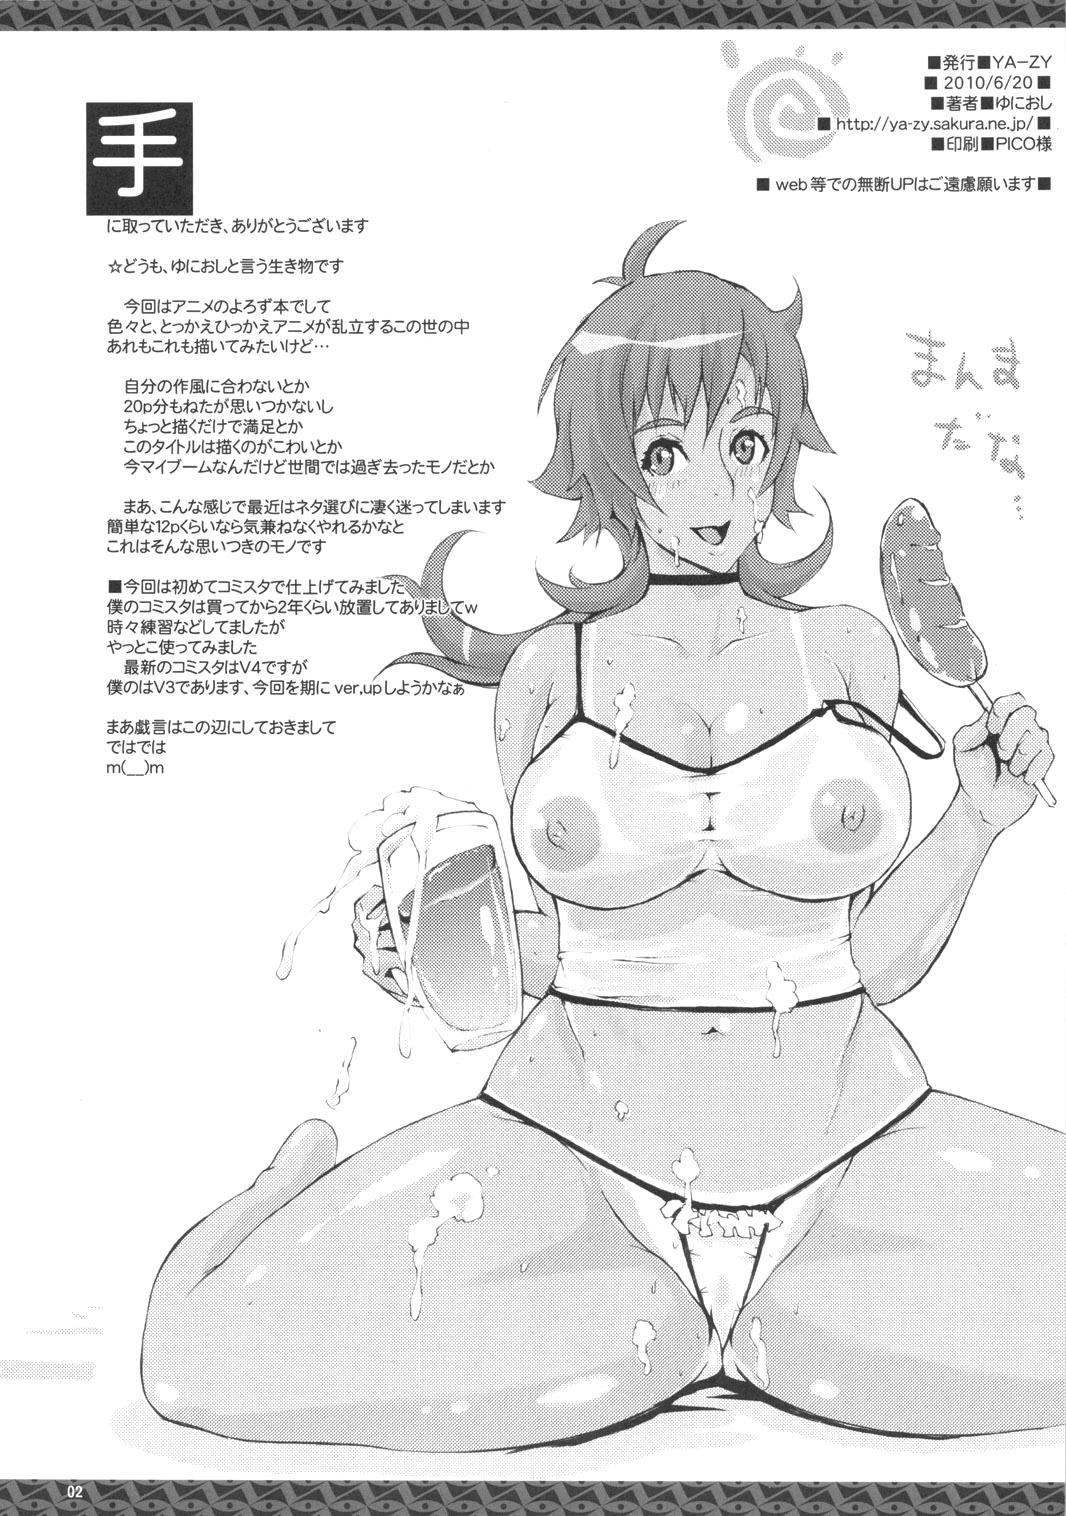 Toaru Anime no Yorozu Hon 1